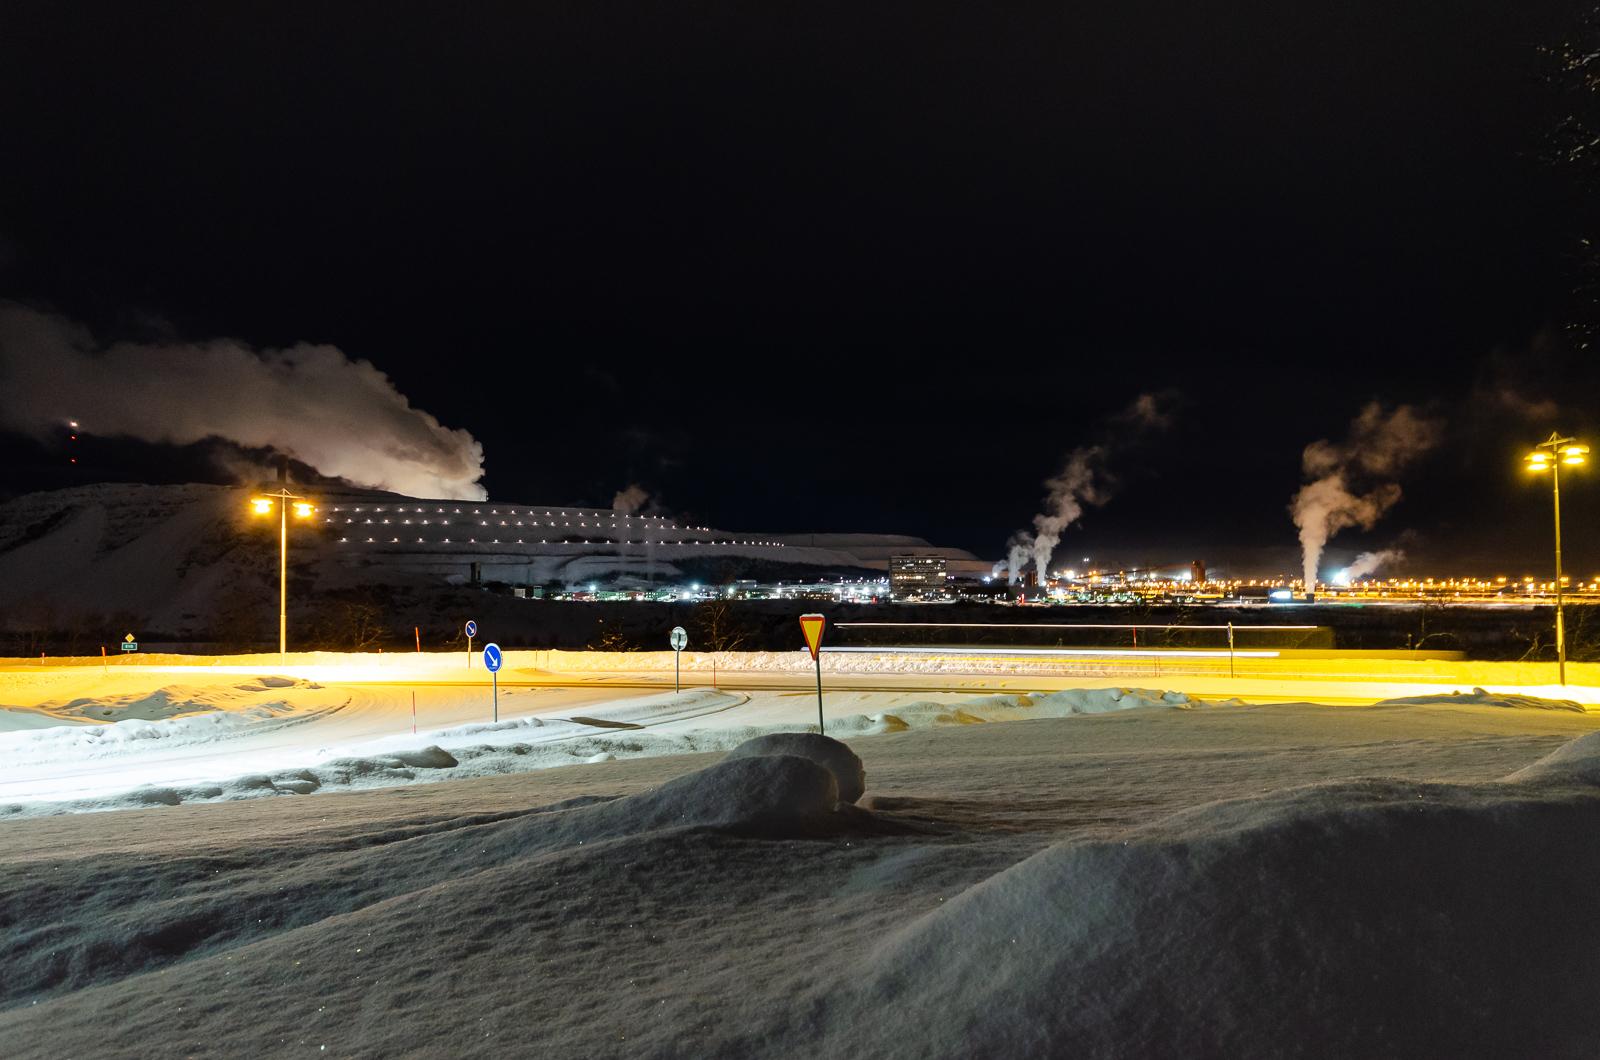 A bánya éjjeli látképe (a messziről aprónak tűnő fényei miatt szerintem időnként pont olyan, mint egy hatalmas, kikötőben horgonyzó hajó)